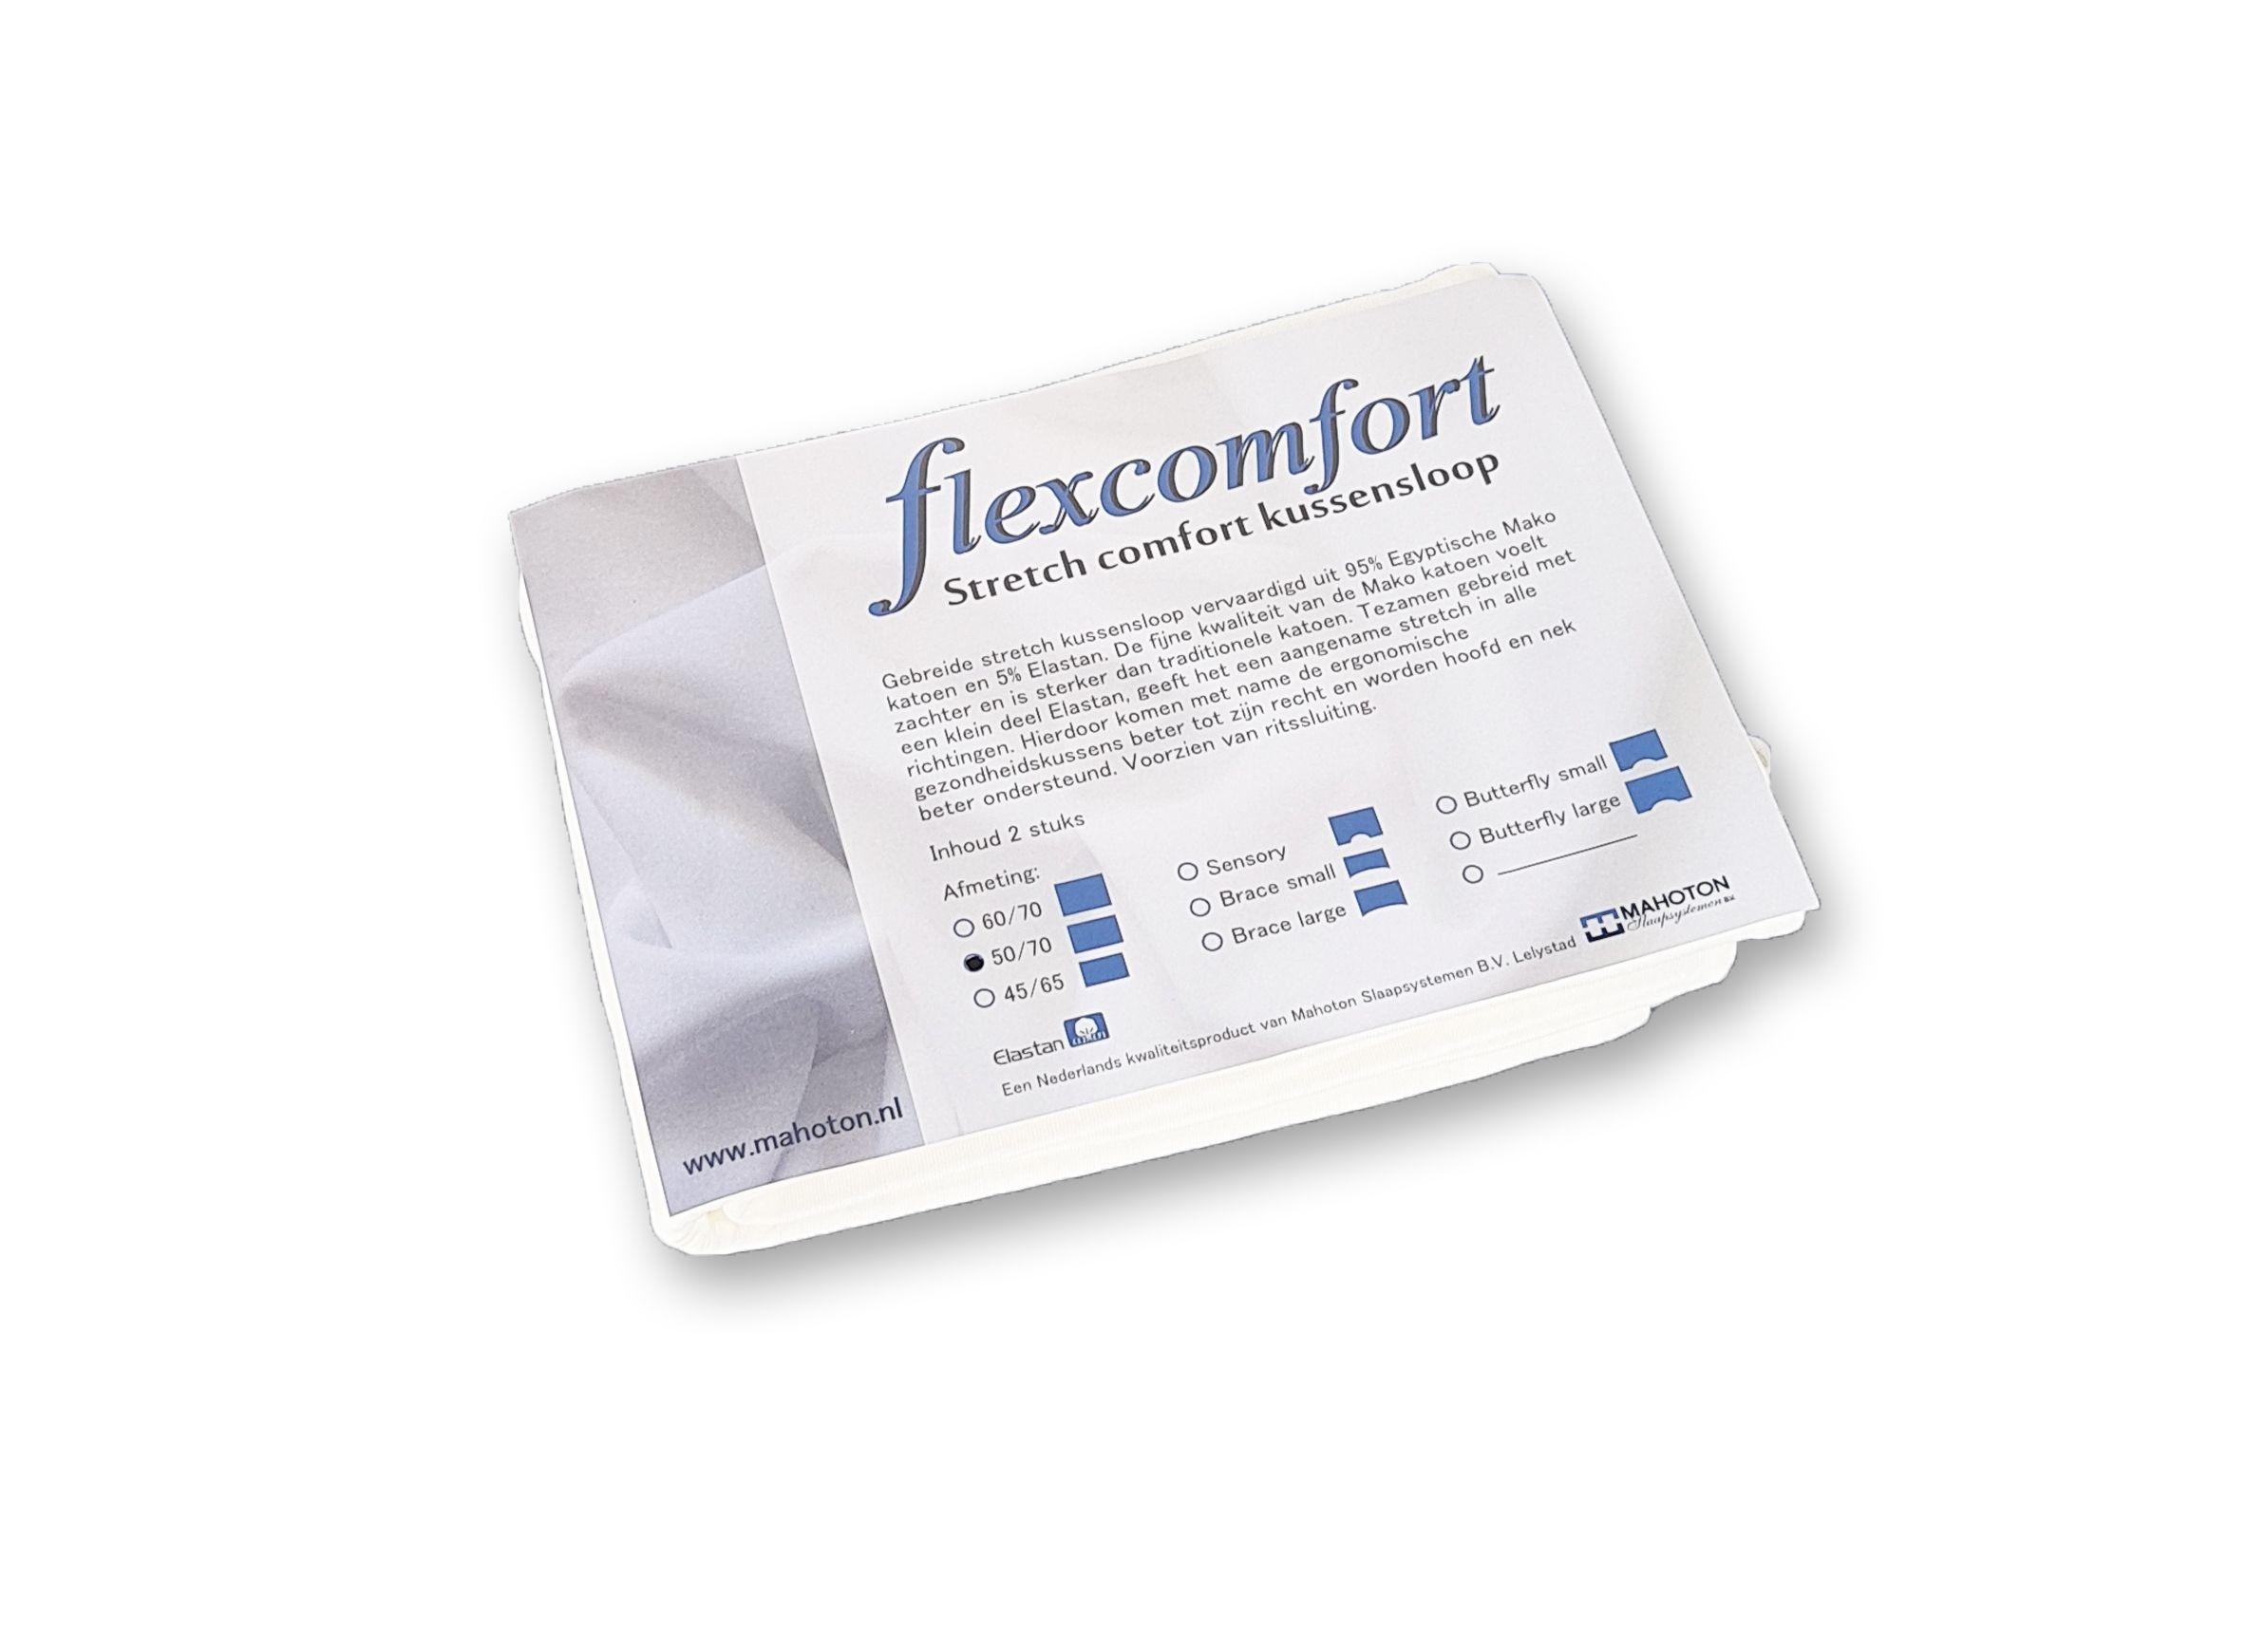 Mahoton Butterfly Kussensloop Flexcomfort  set